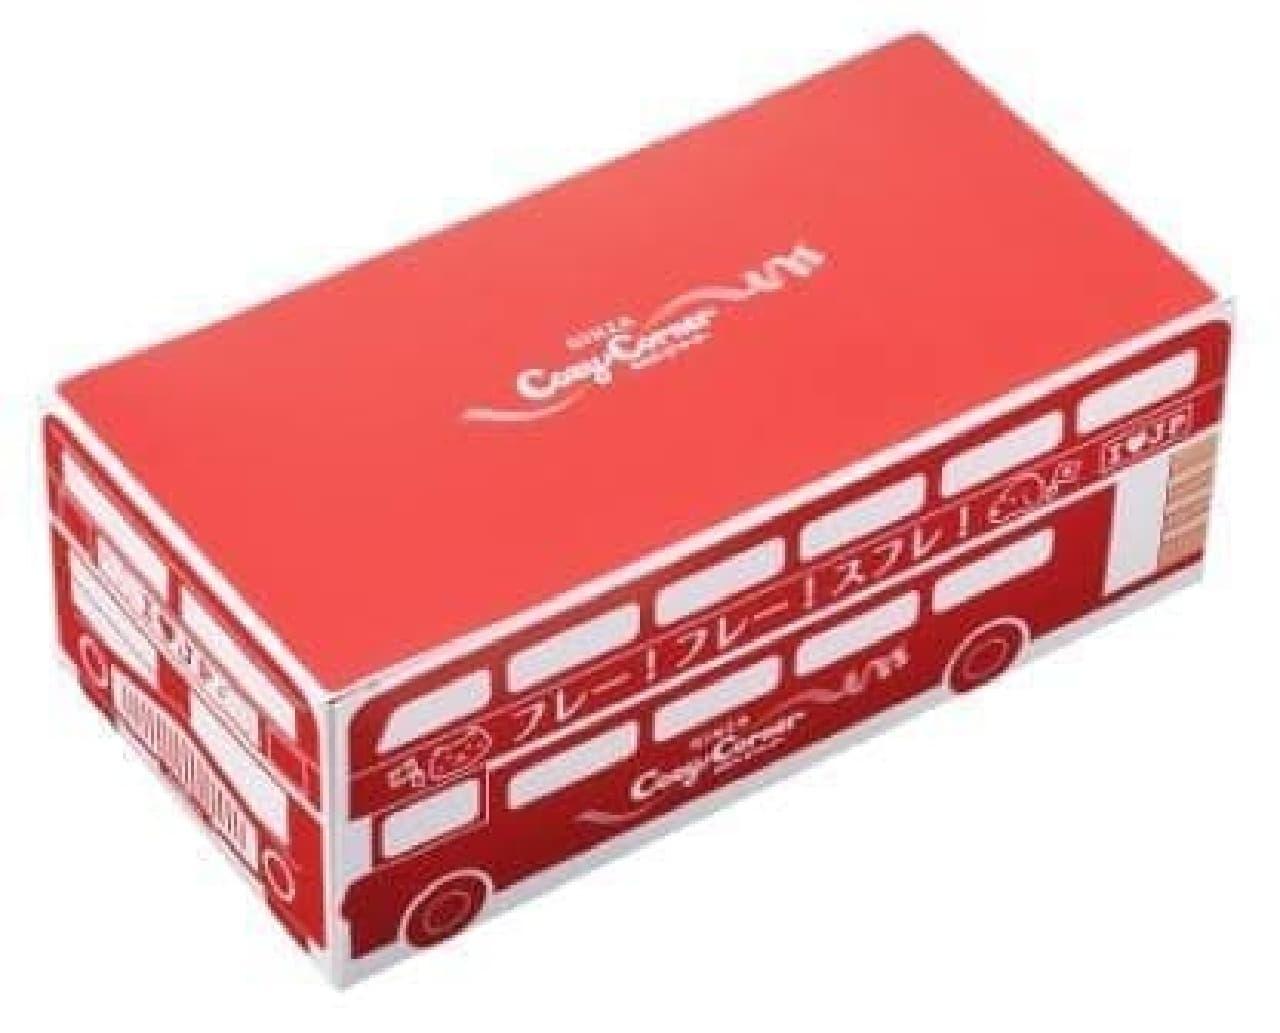 ロンドンバスをイメージしたパッケージが可愛いですね